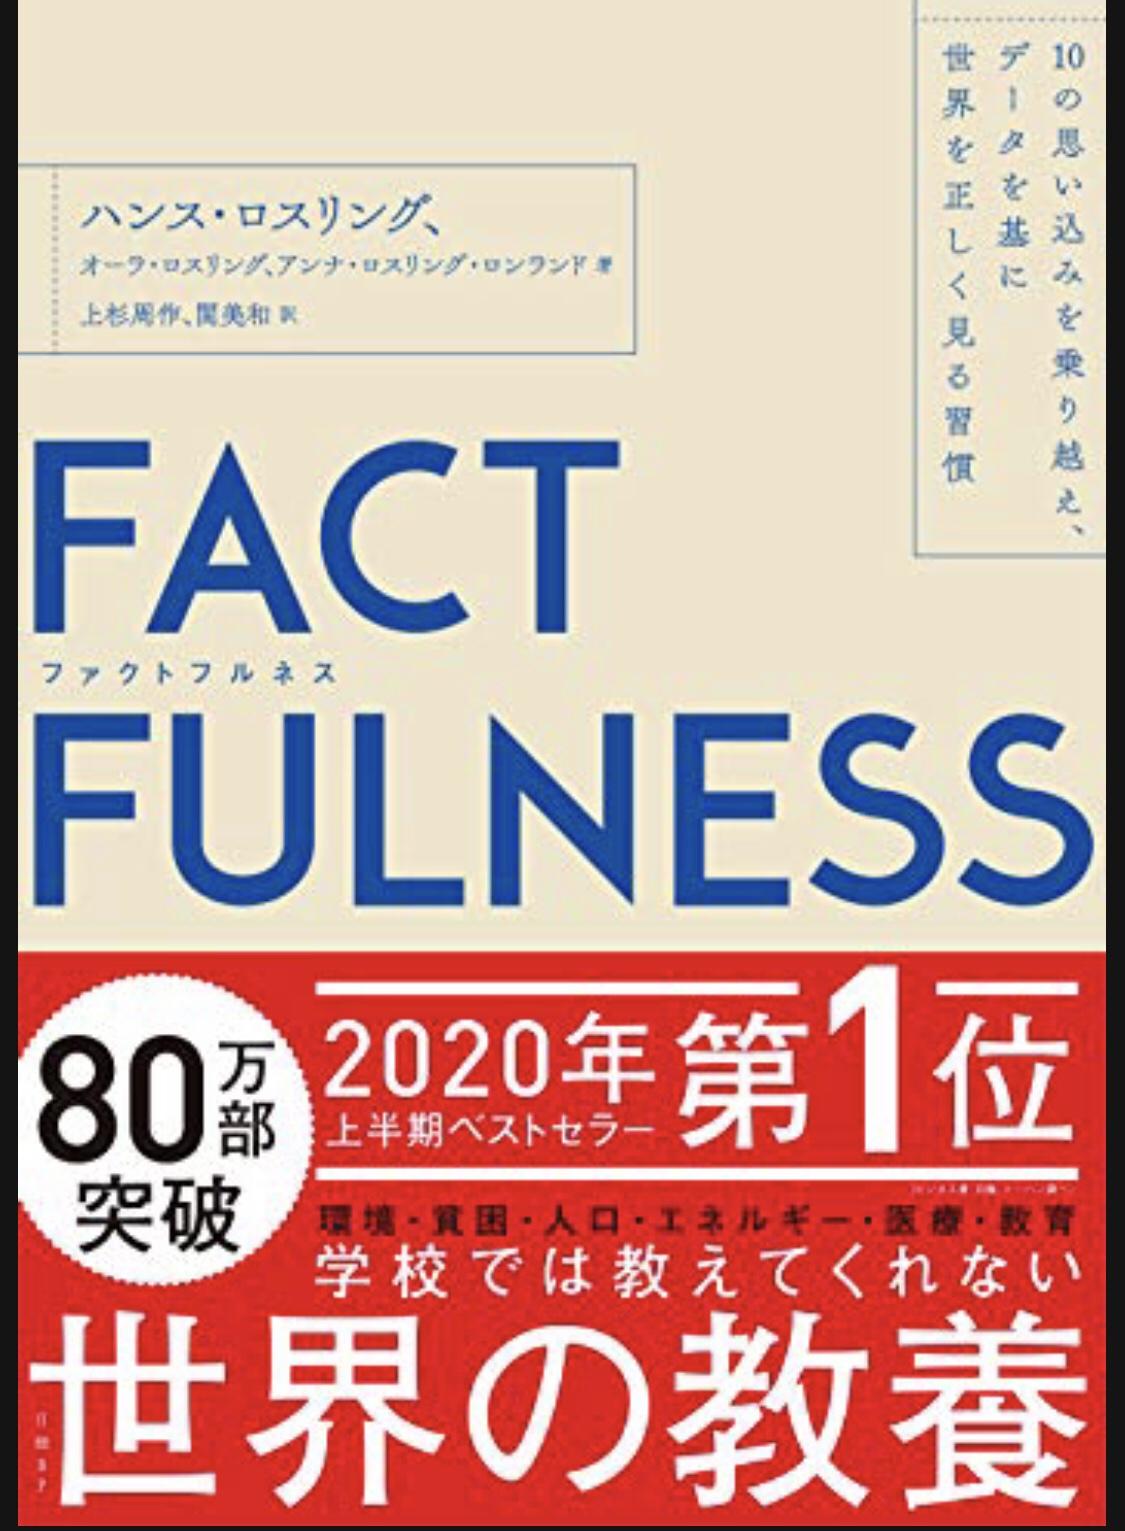 <書籍を知る>『FACTFULNESS』ハンス・ロスリング